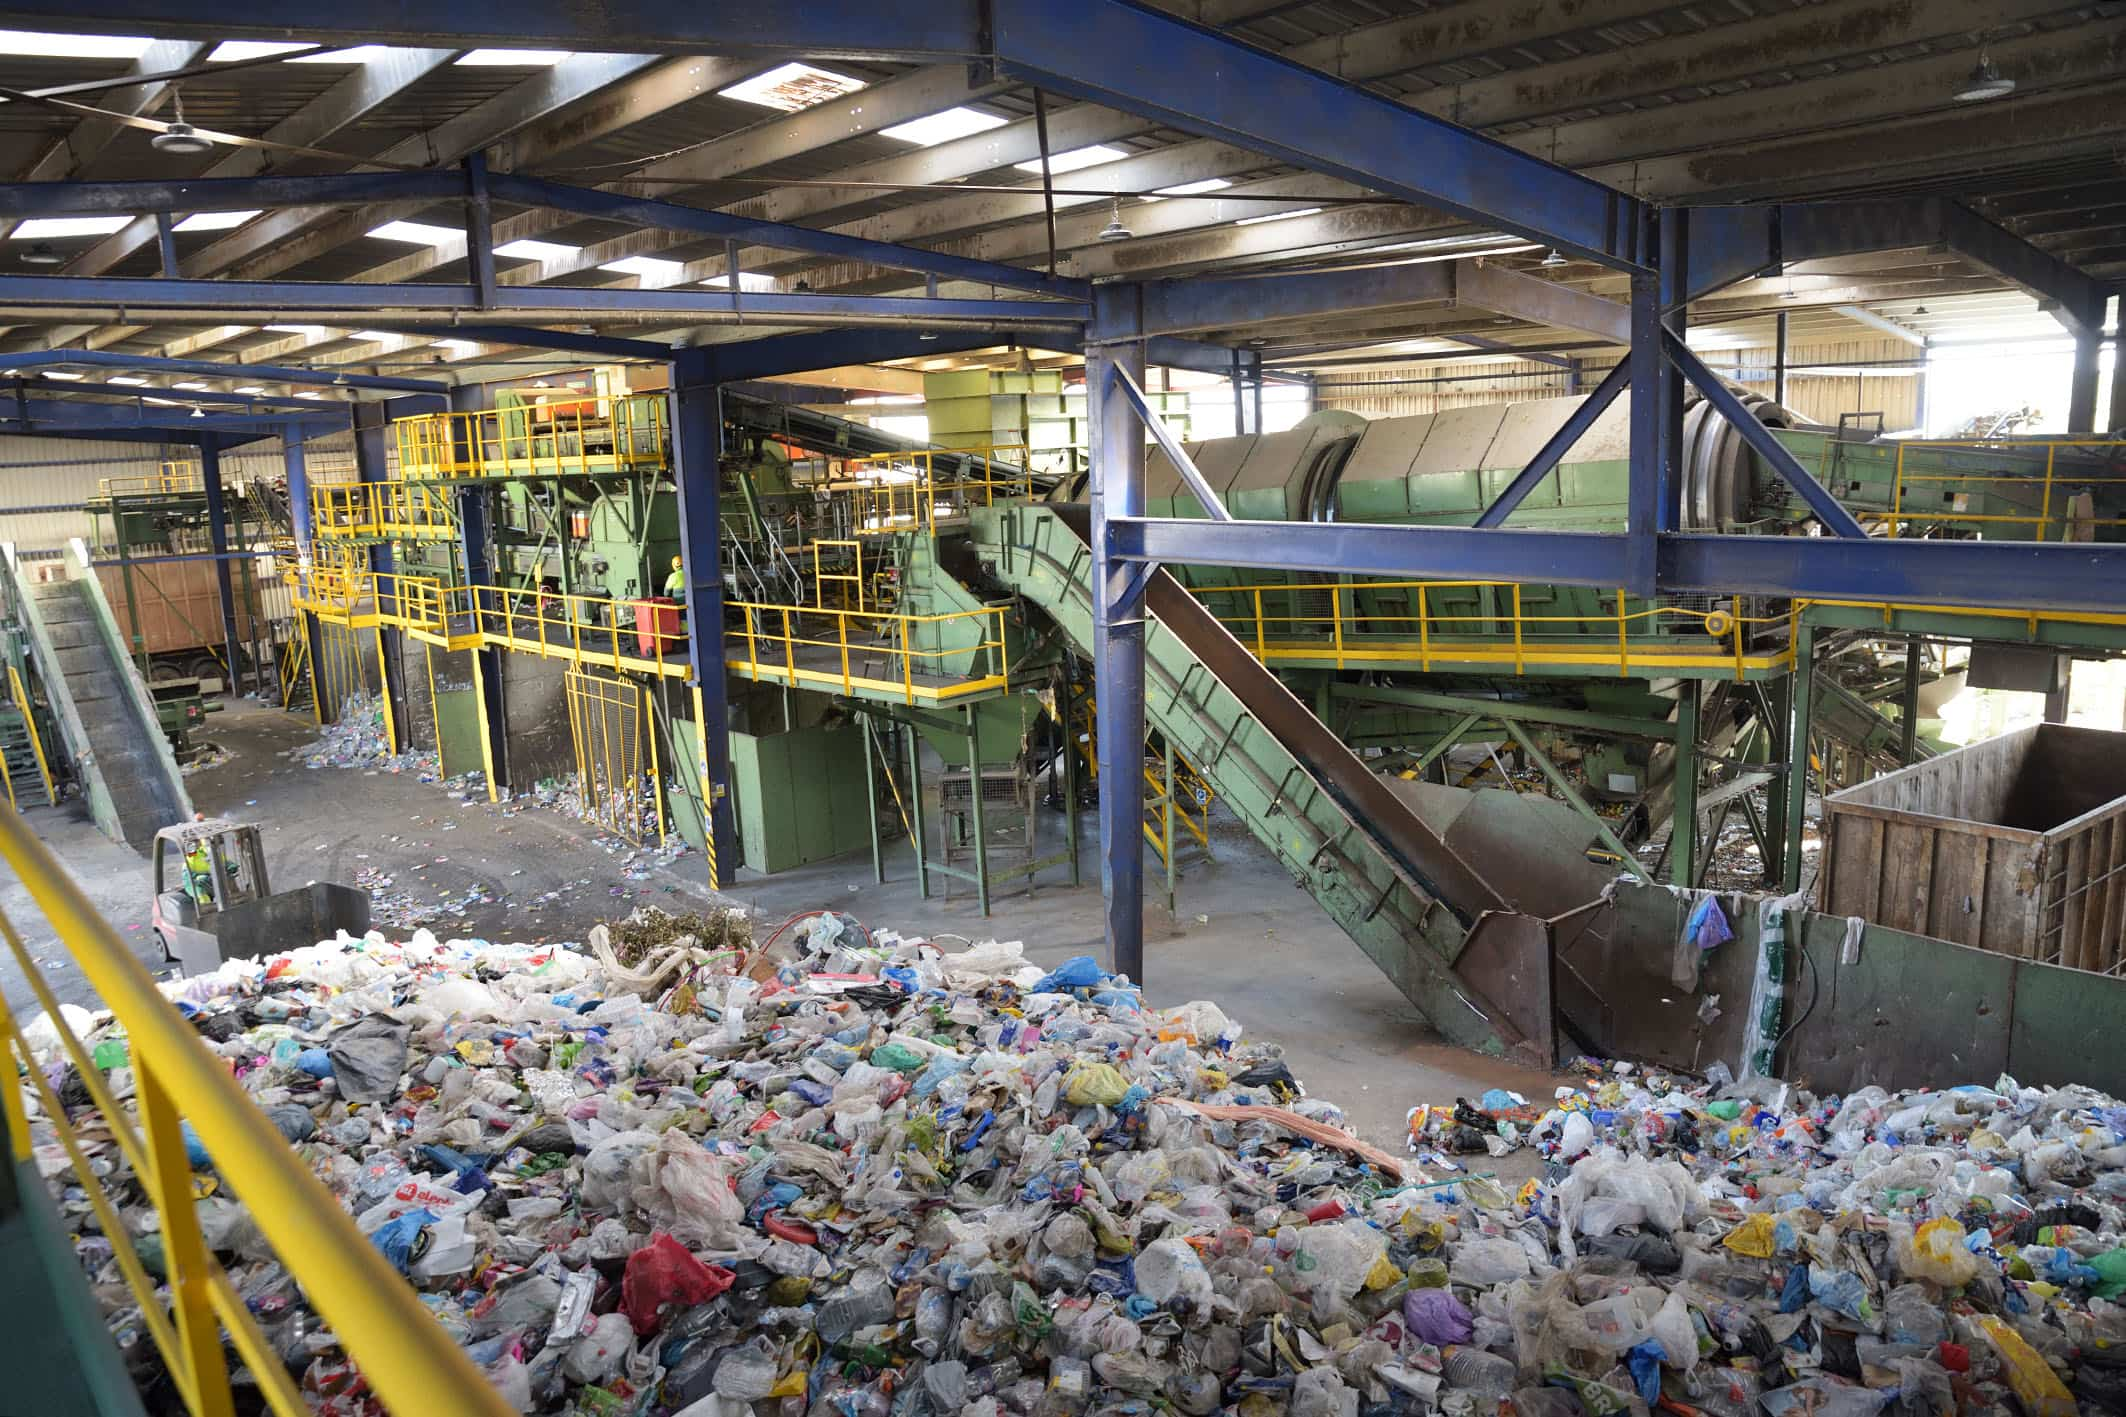 20200110 Planta RSU informe gestion02 Comsermancha - La planta de Comsermancha gestionó 71.952 toneladas de basura en 2019